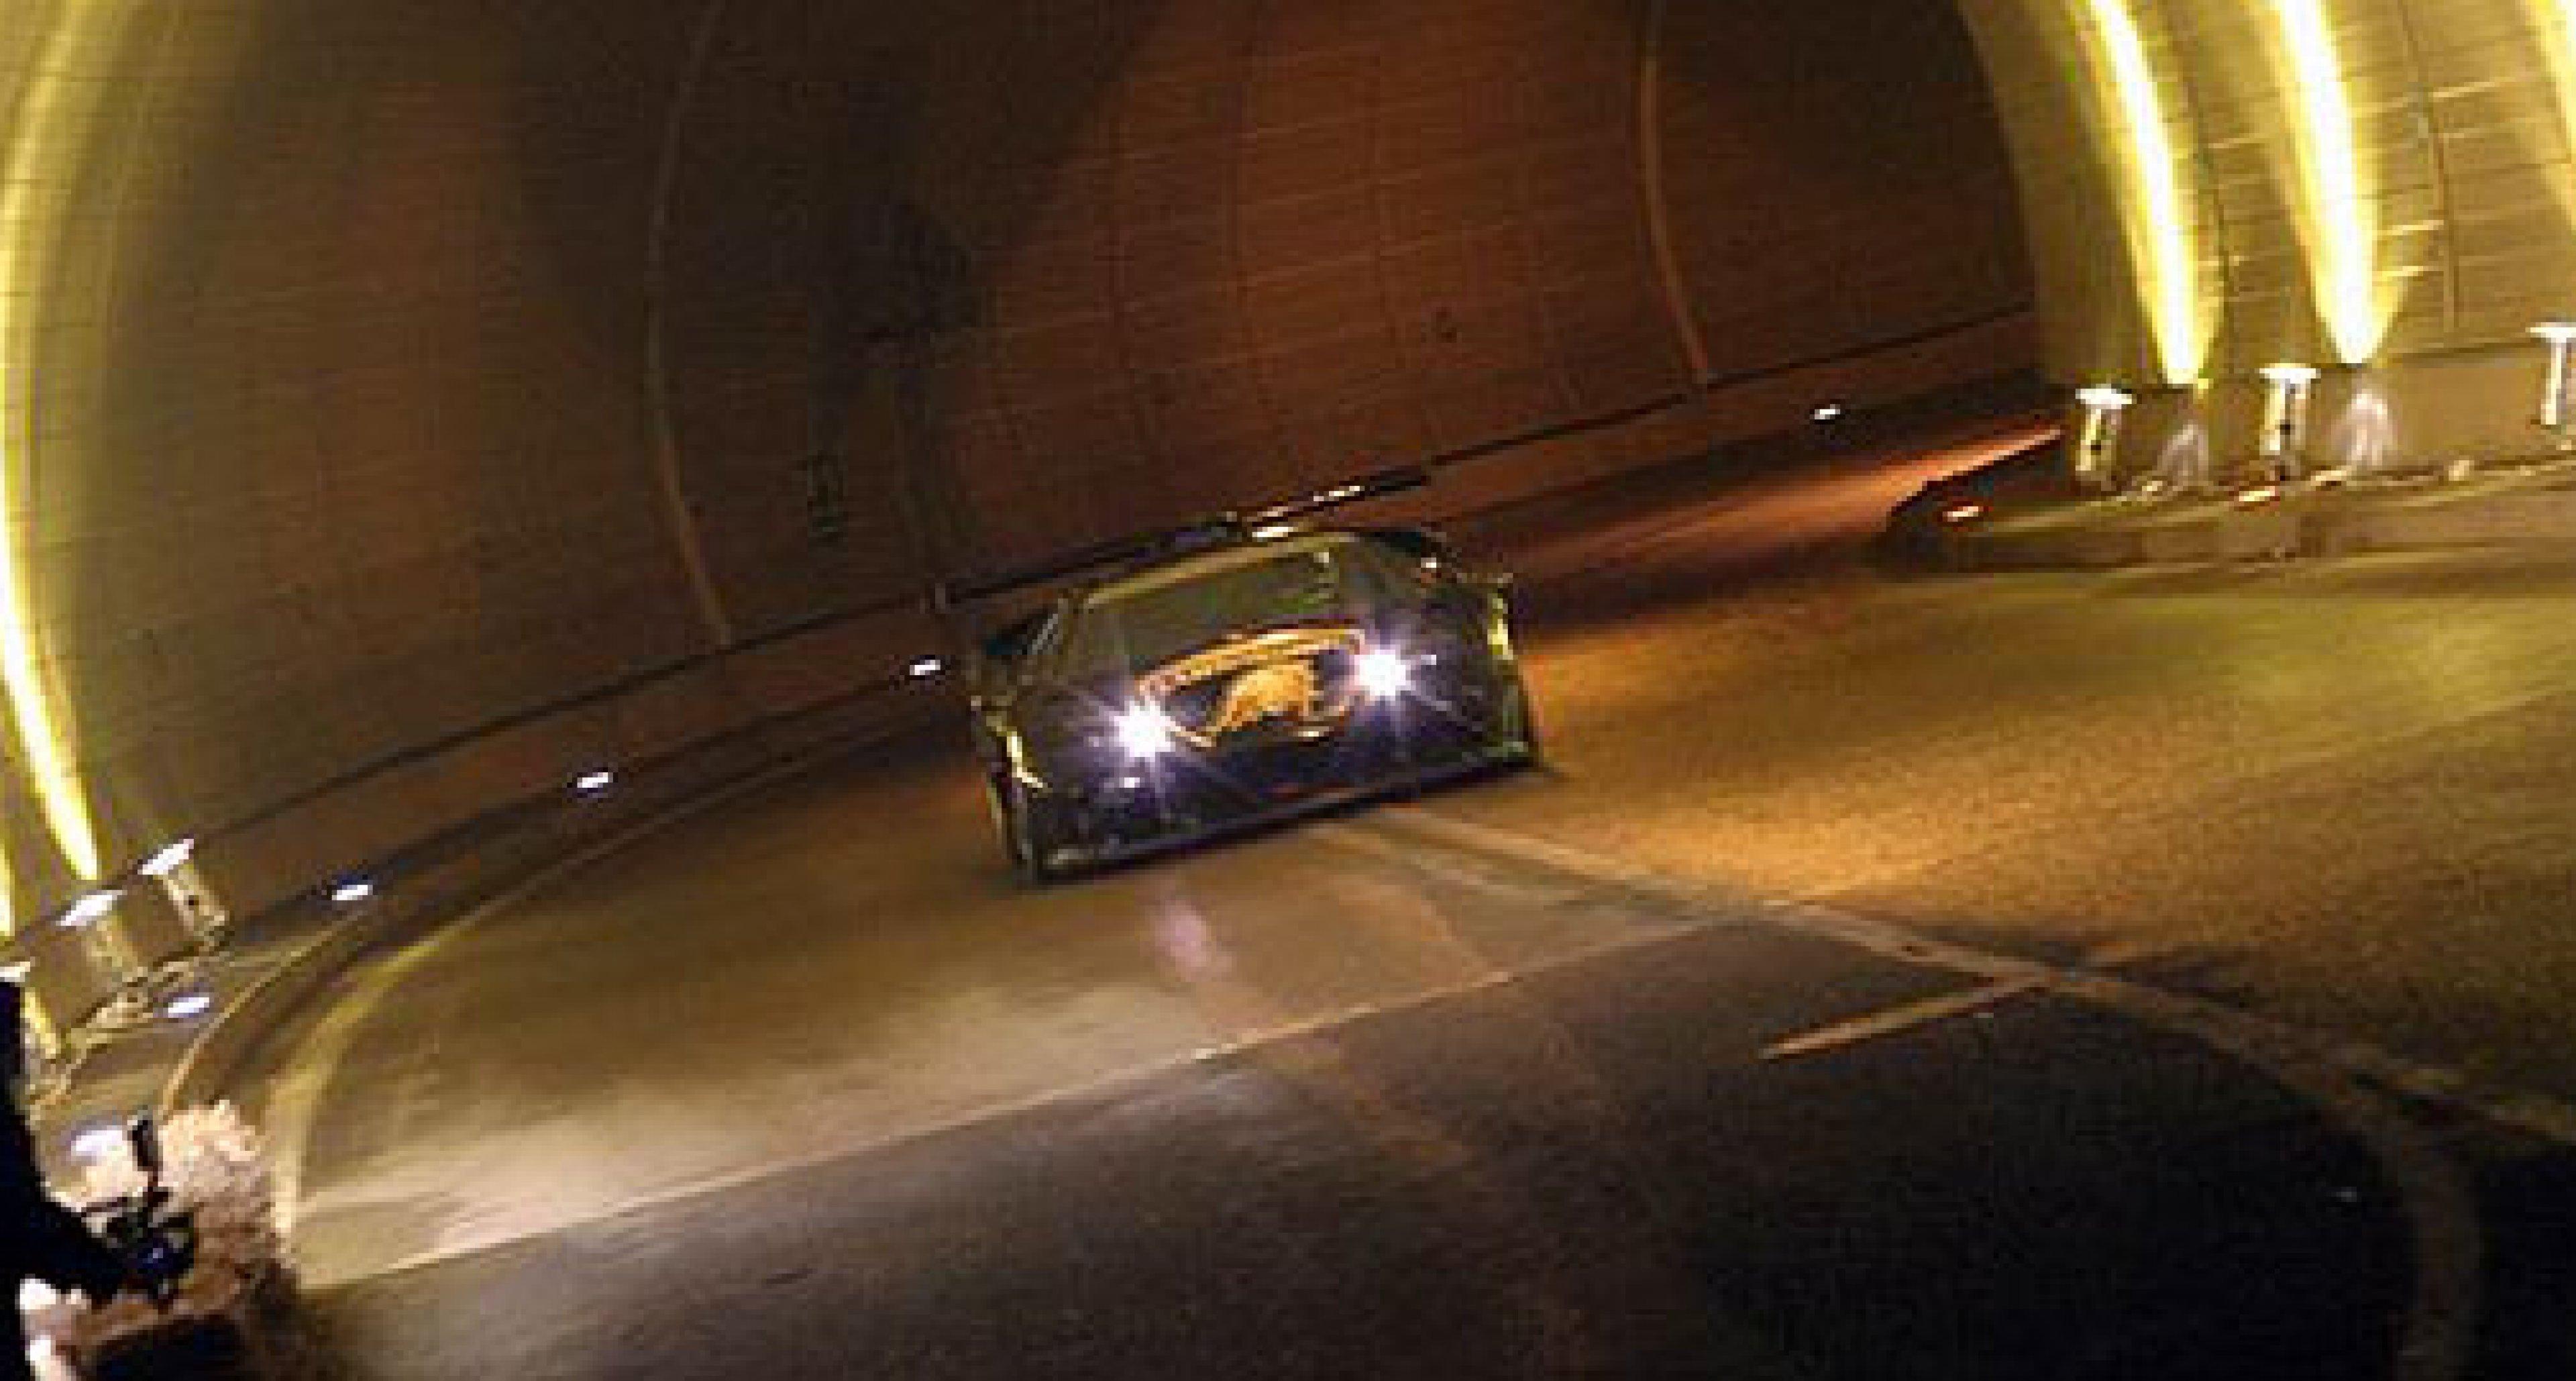 Lamborghini-Motorsport at Scalaria